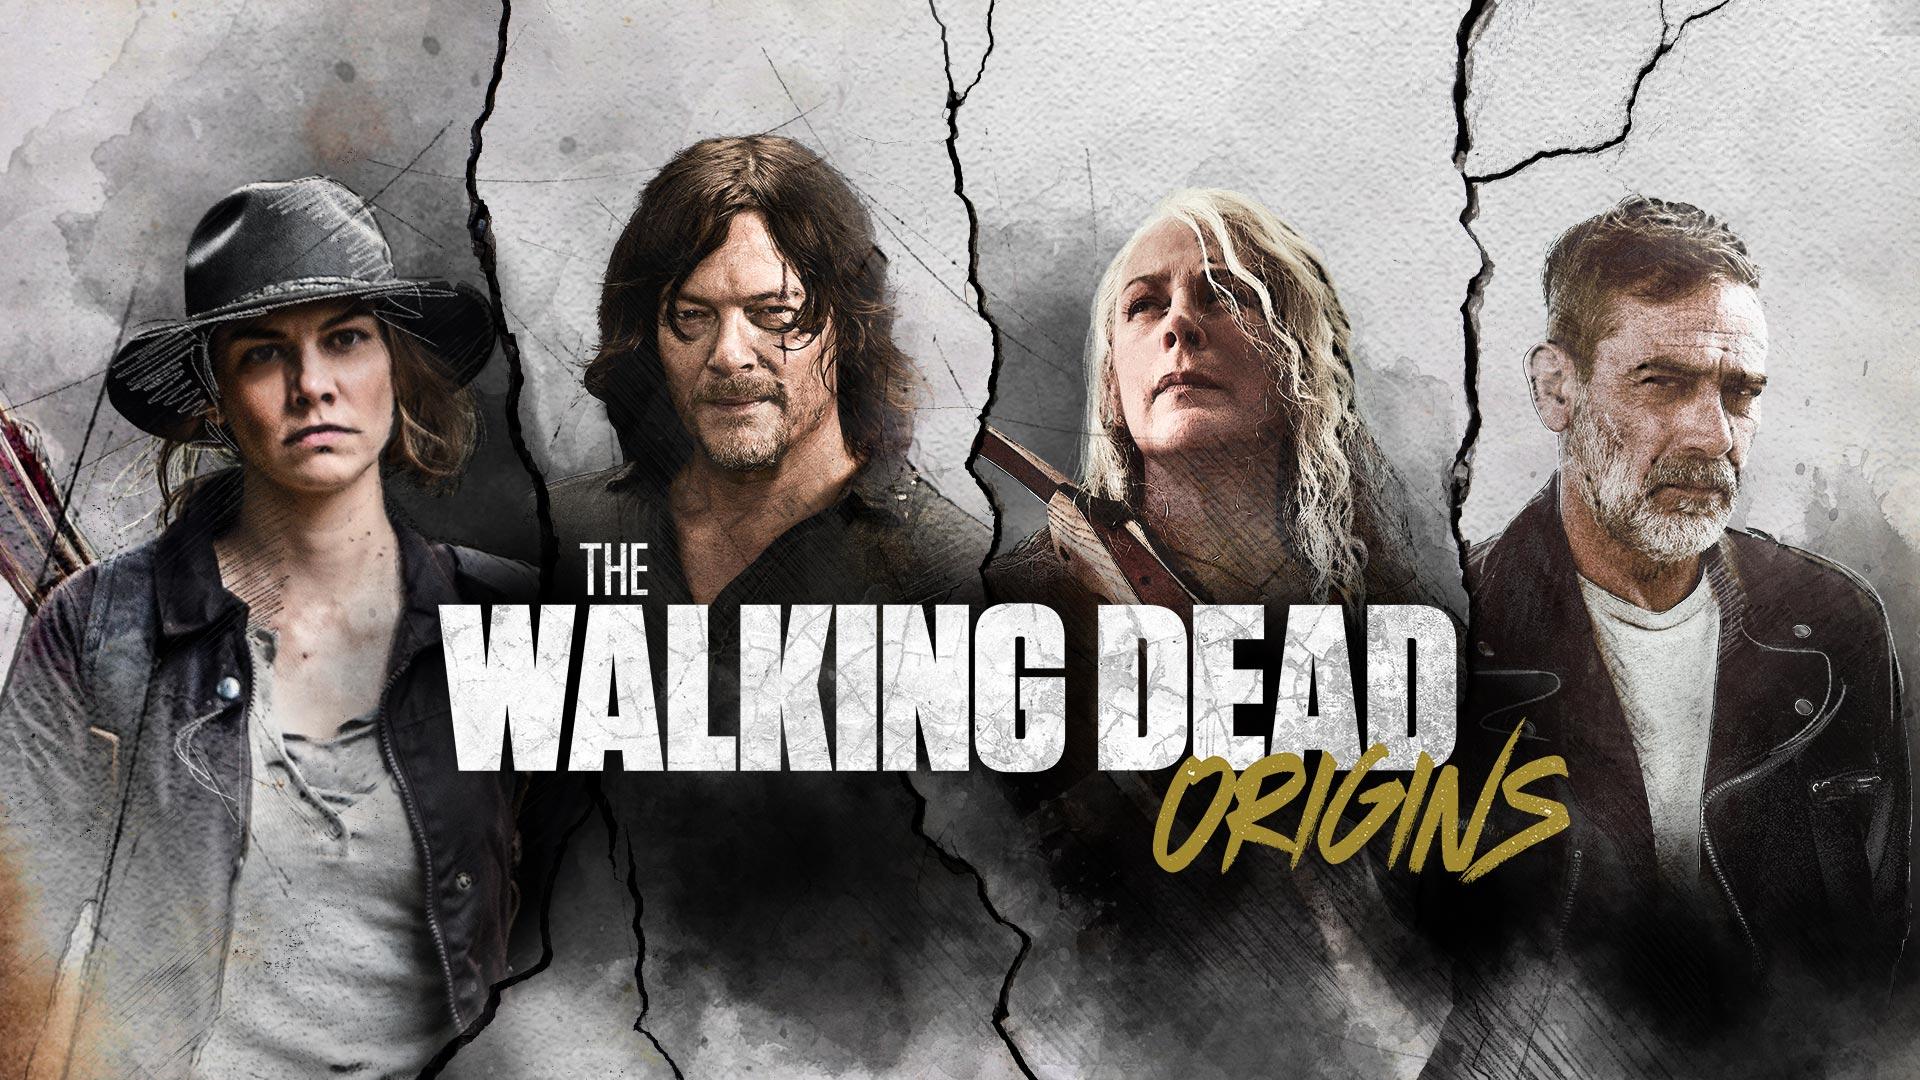 The Walking Dead: Origins, Season 1